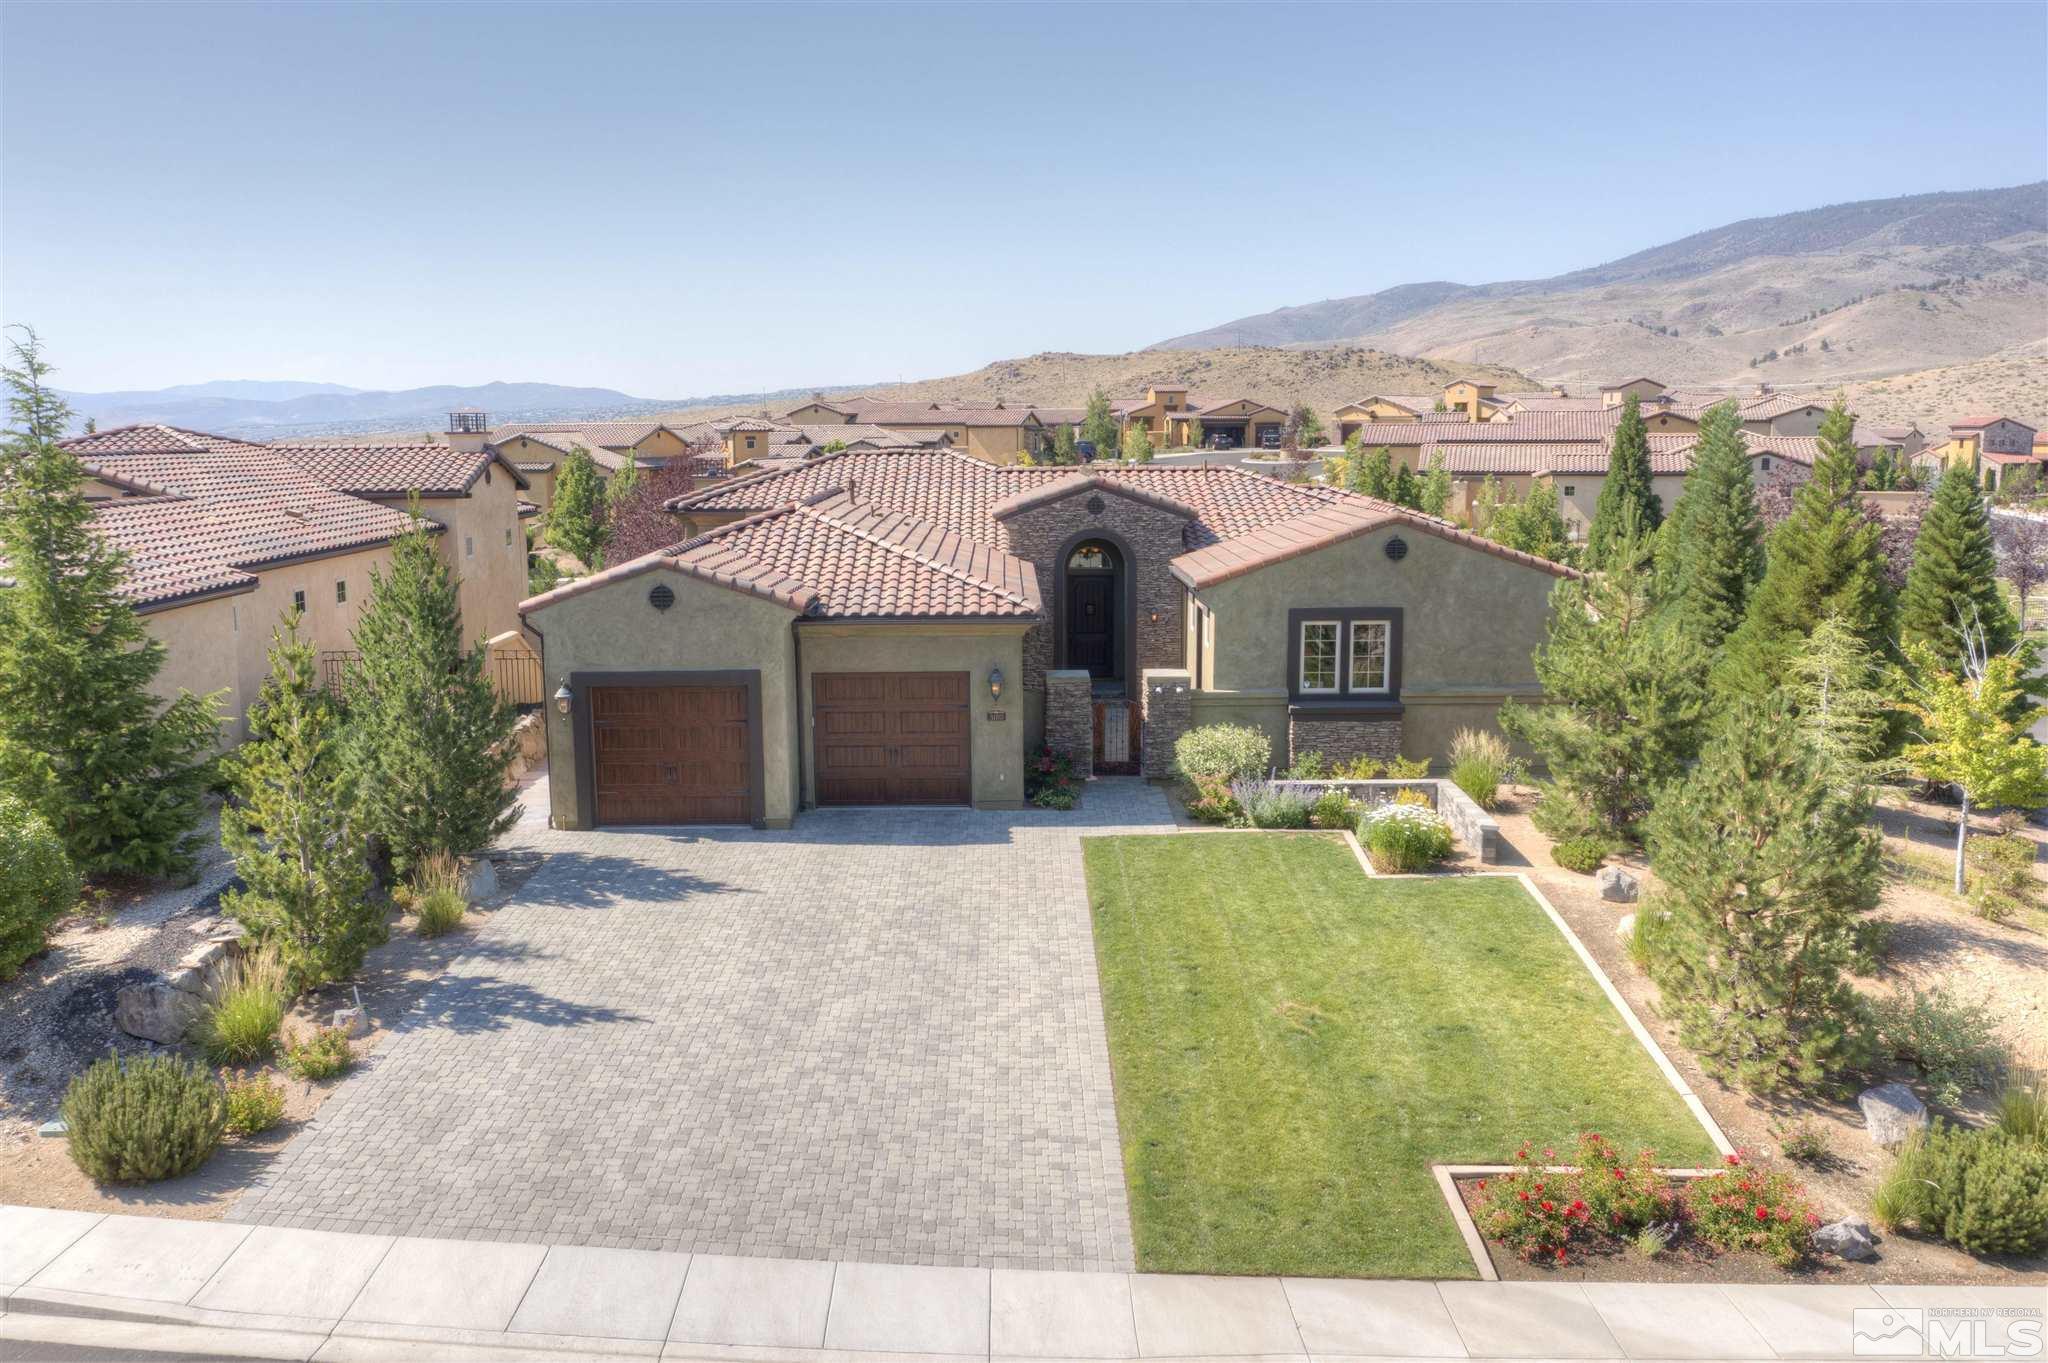 Image for 3180 Vista Lucci, Reno, NV 89519